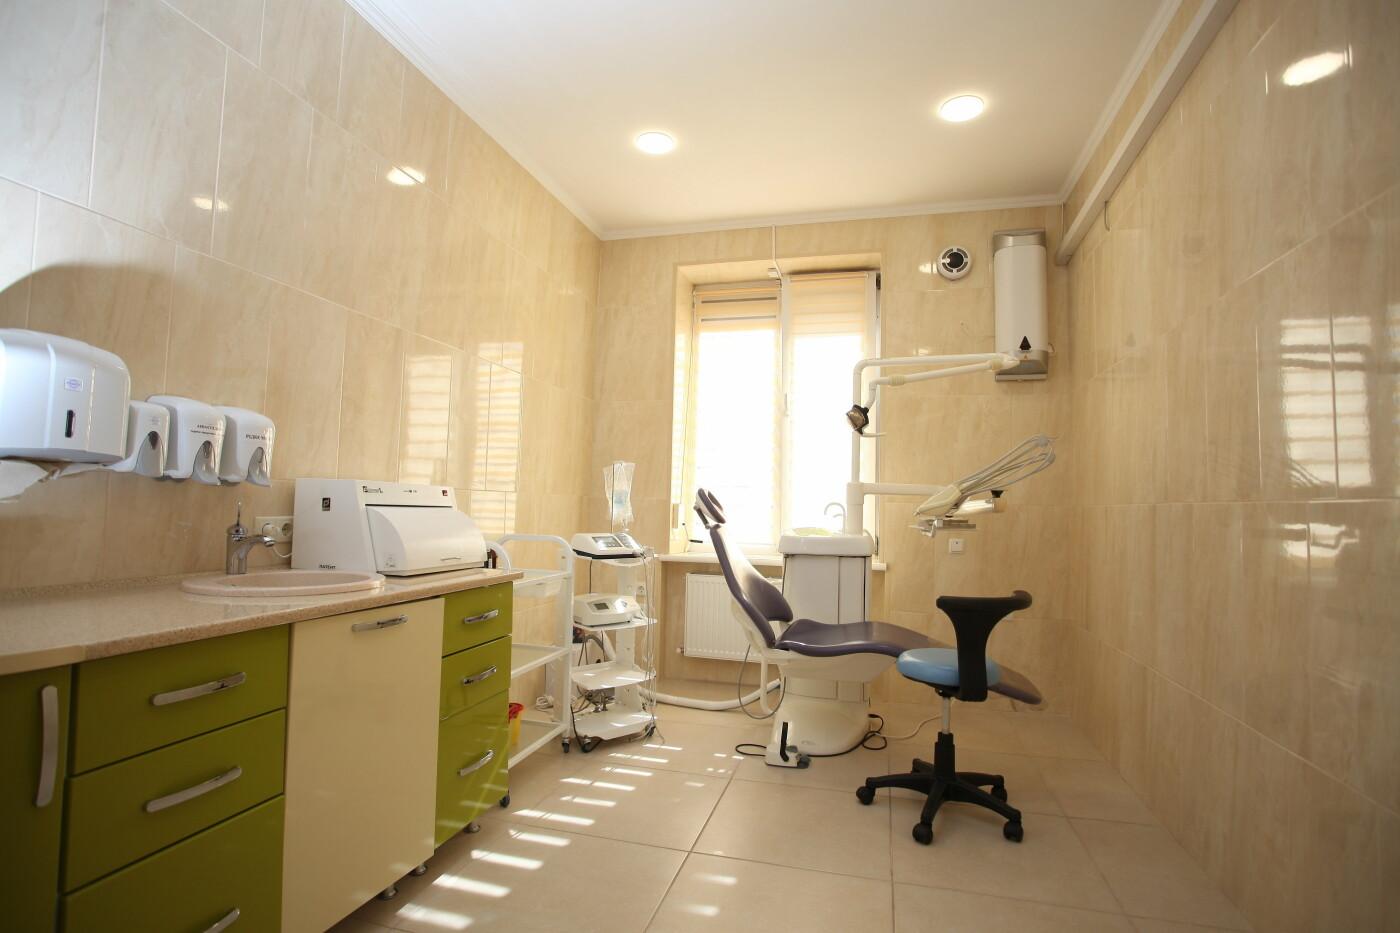 Лечение без боли: ТОП стоматологических клиник Кривого Рога, фото-17